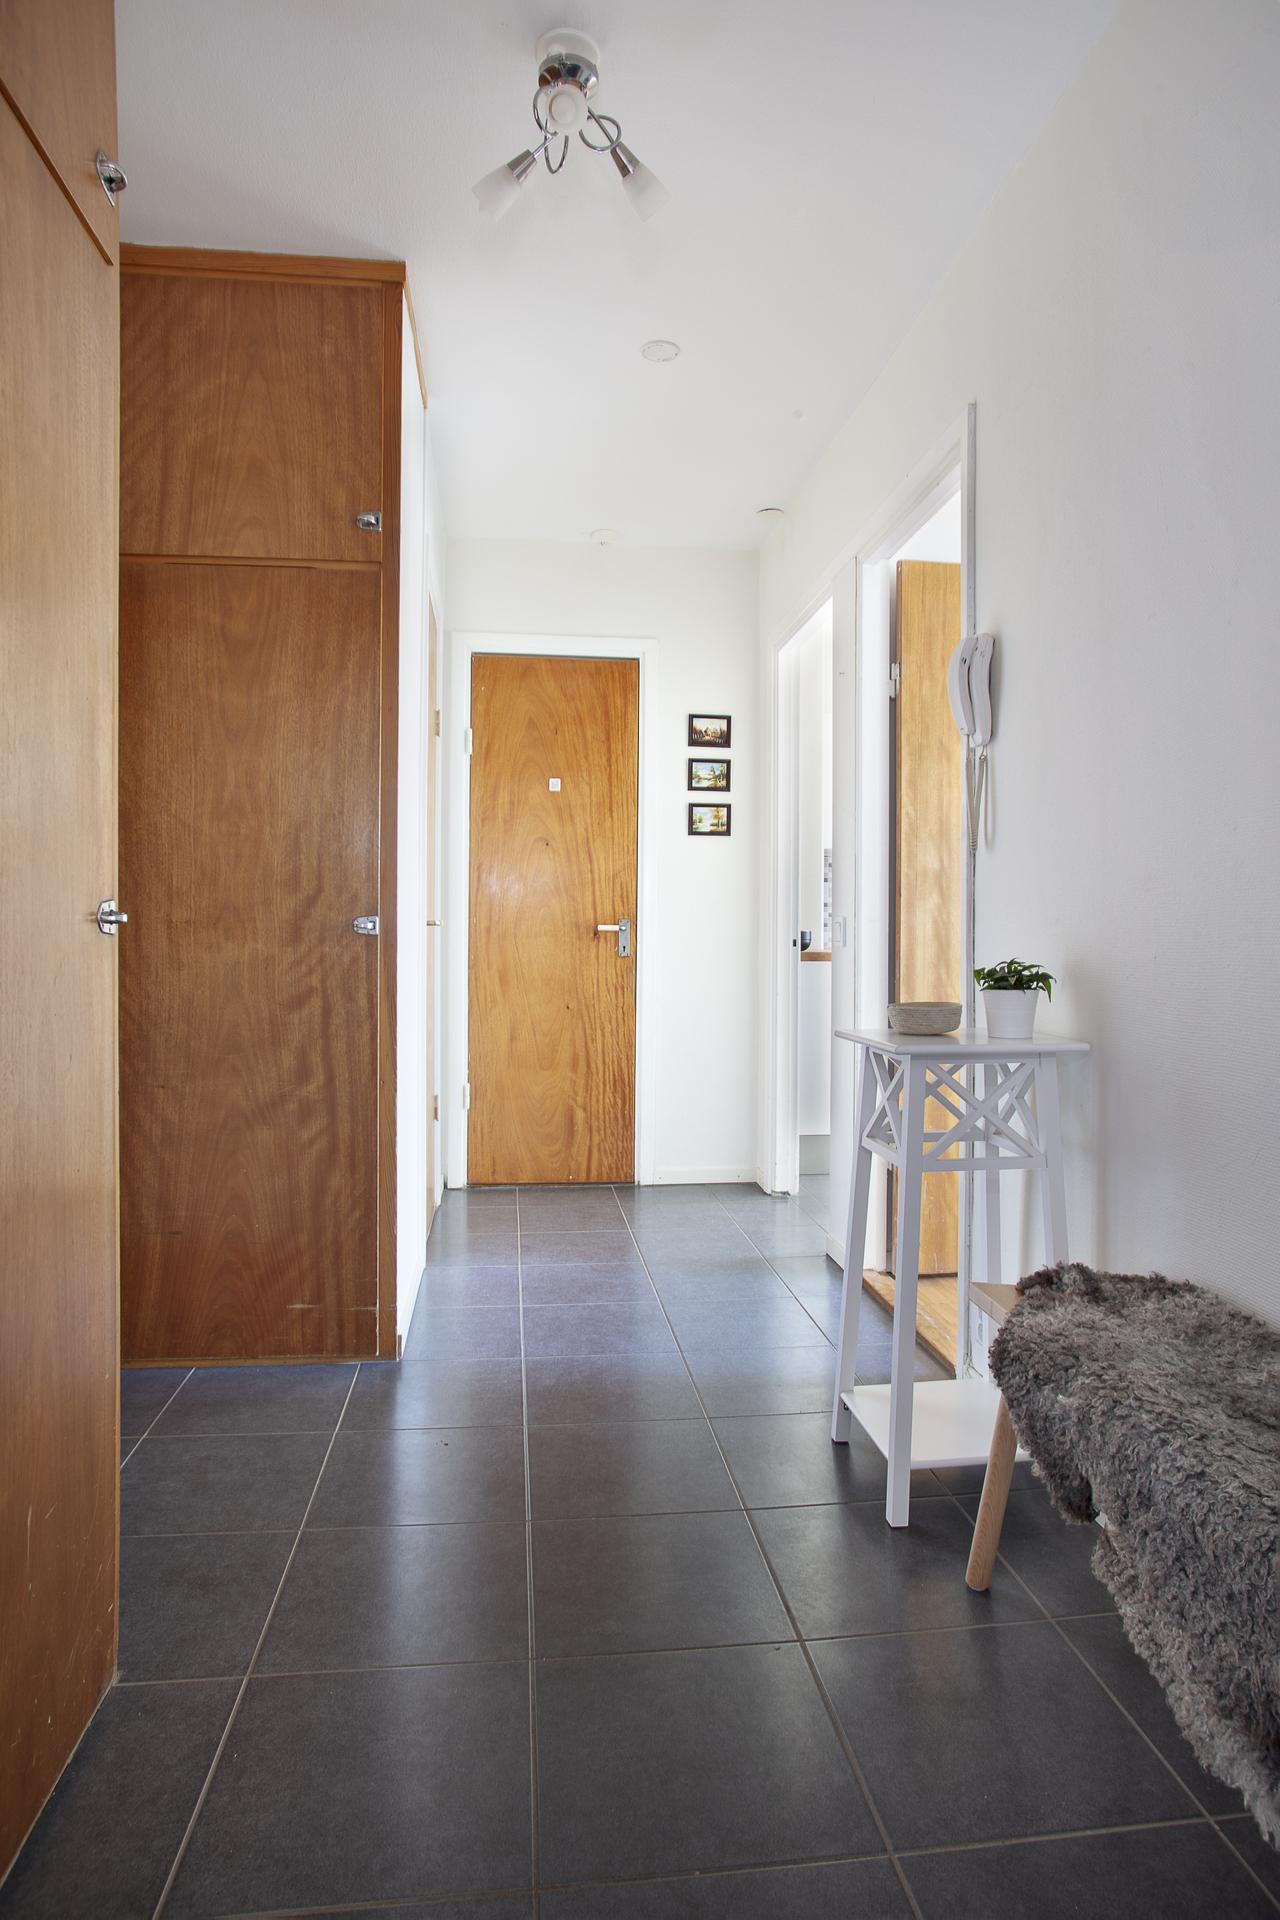 Här finns grå klinkers på golvet och vitmålade väggar